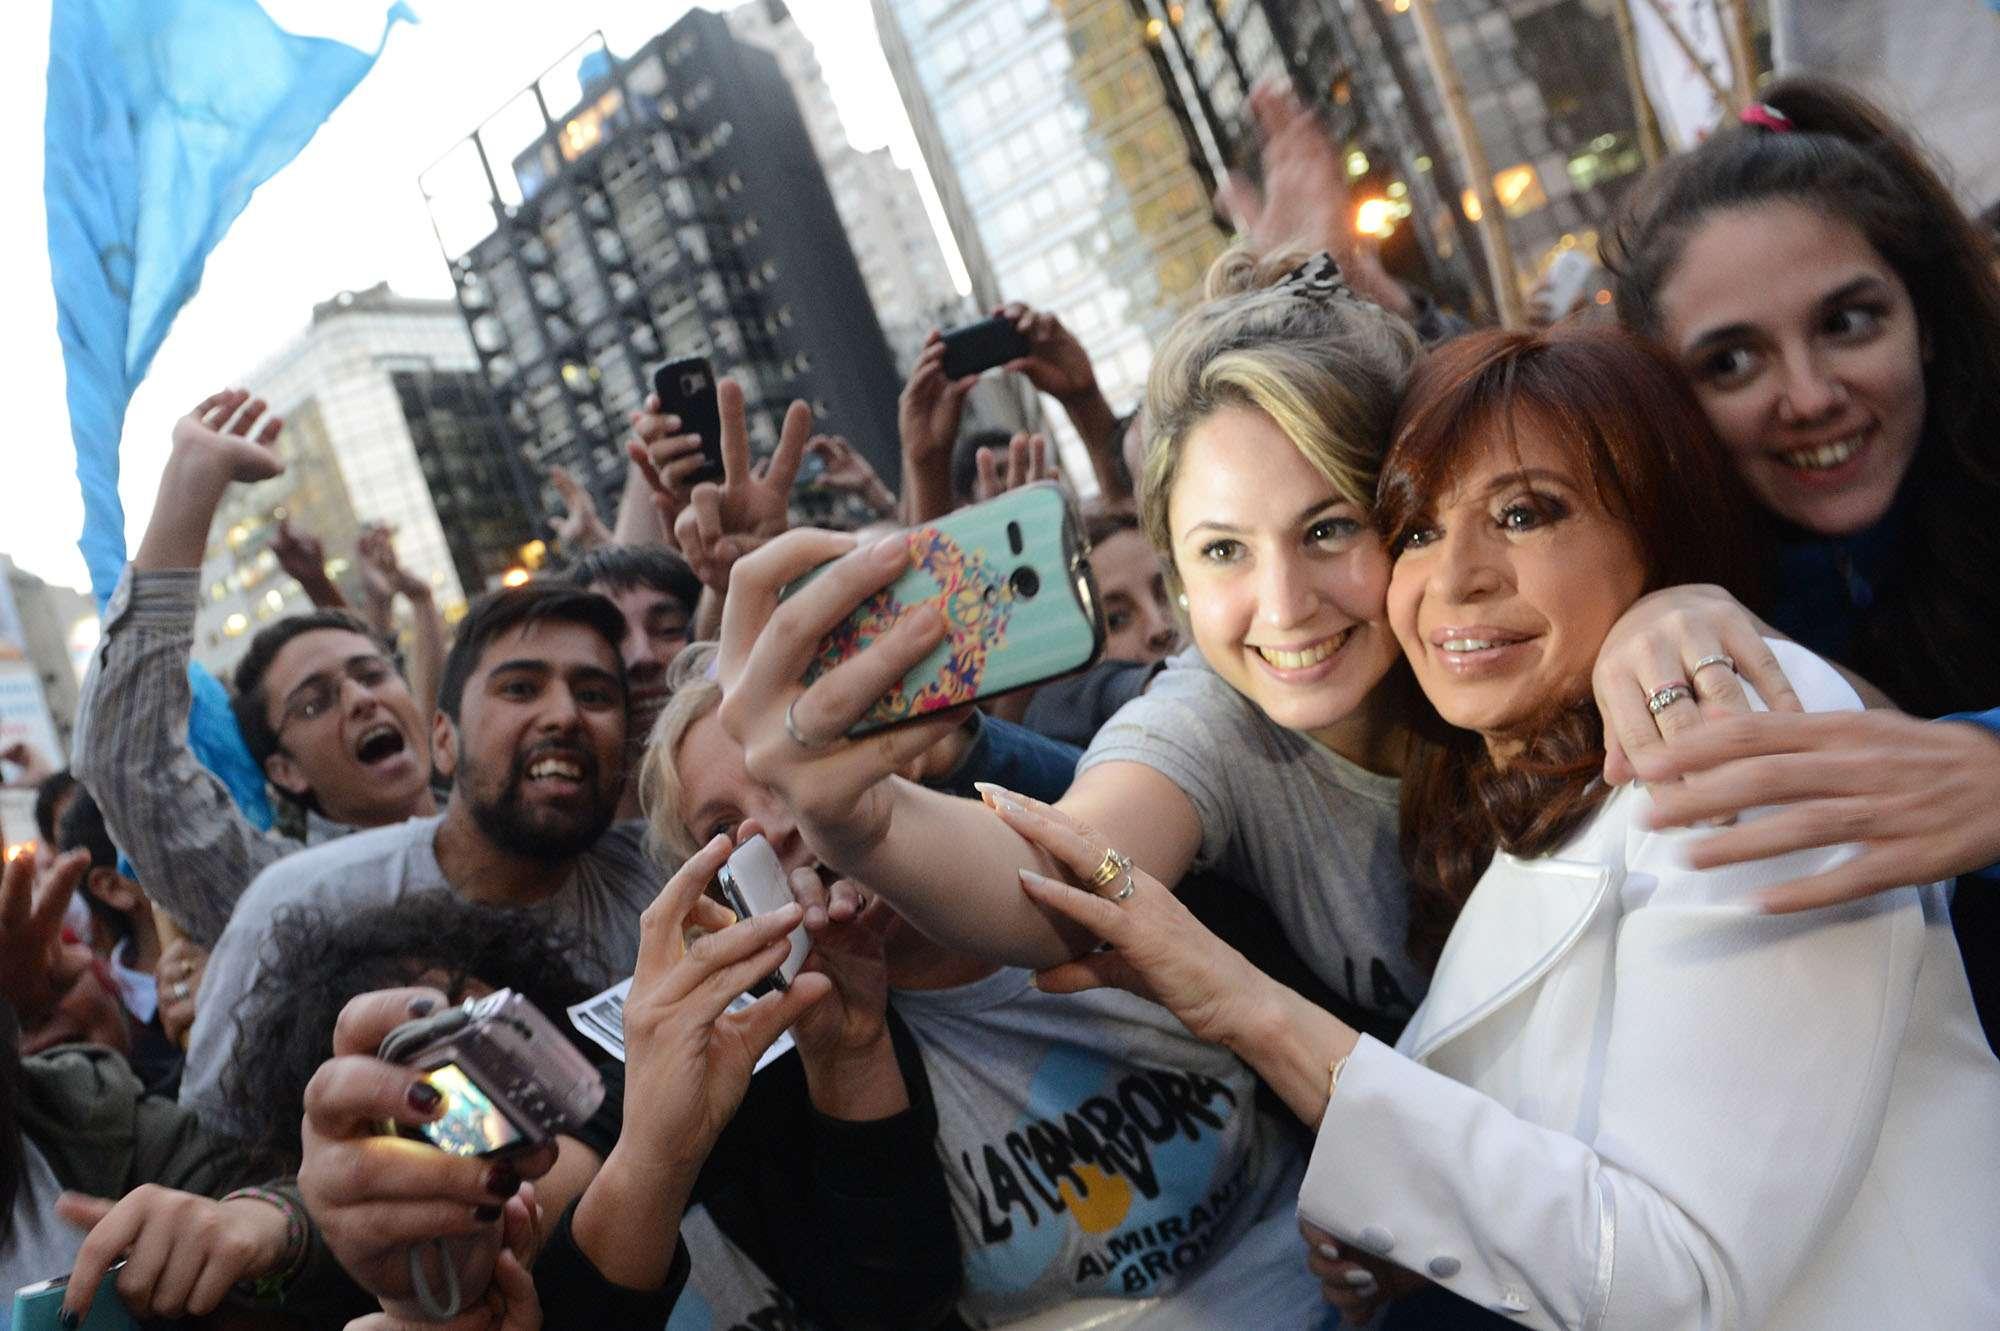 La presidenta Cristina Fernández de Kirchner saluda a la gente que la espera en la puerta del Hotel Sheraton, tras cerrar la 62 convención anual de la Cámara Argentina de la Construcción. Foto: Noticias Argentinas